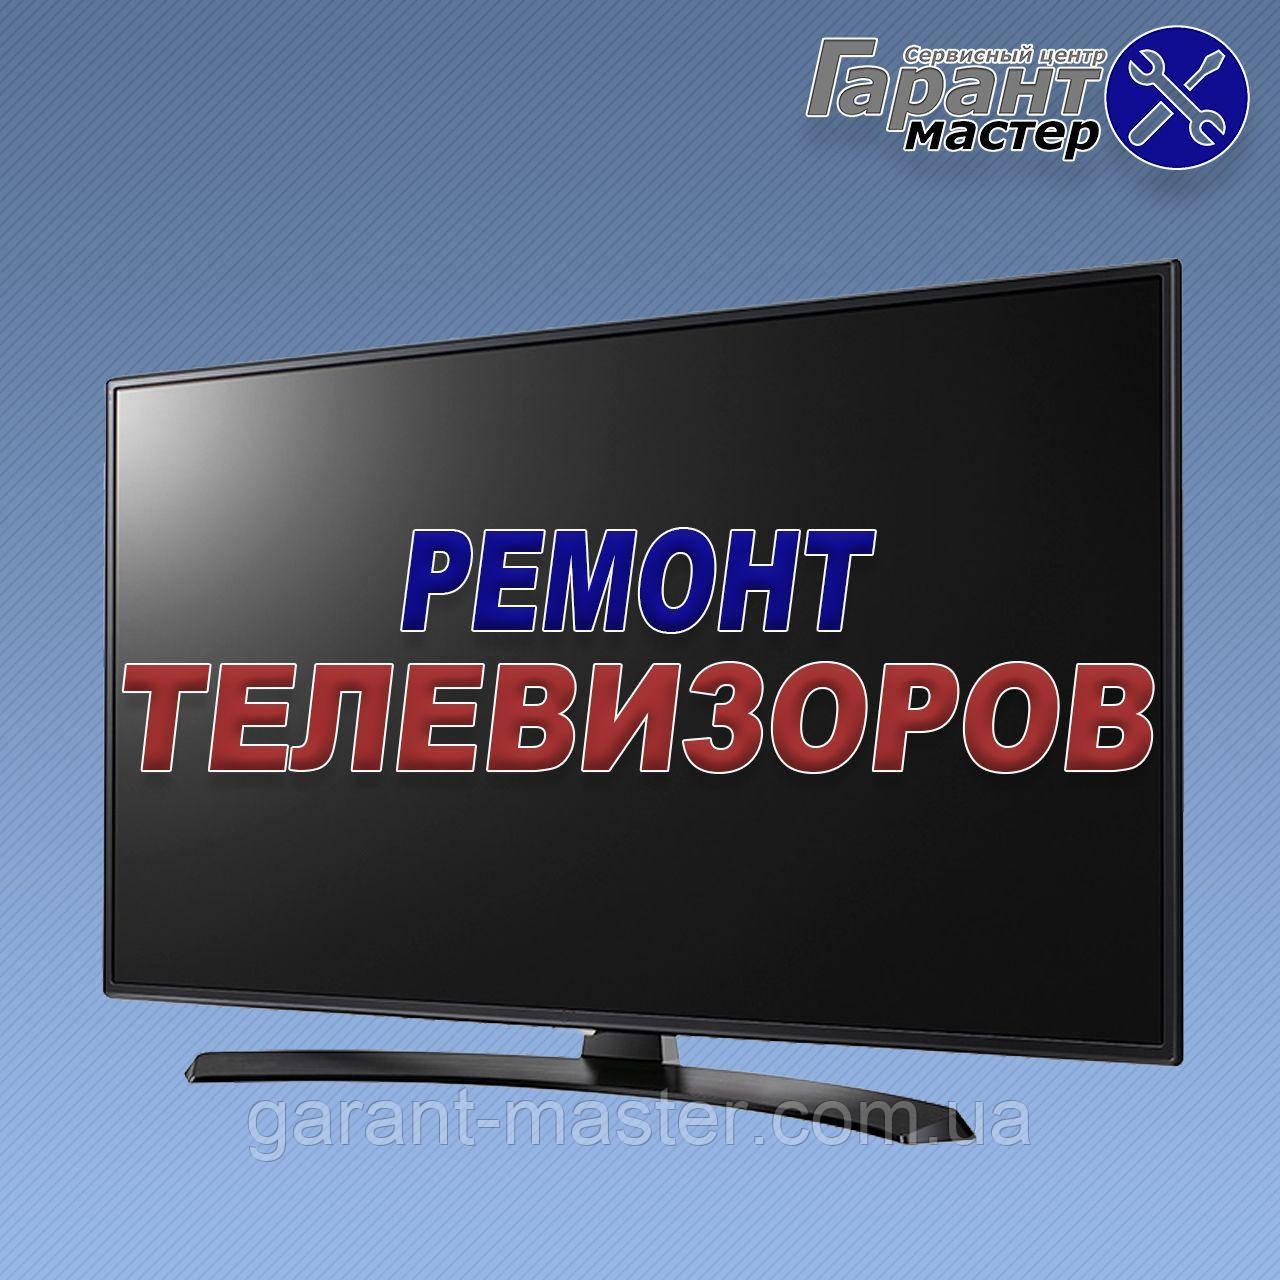 Ремонт телевизоров THOMSON в Харькове